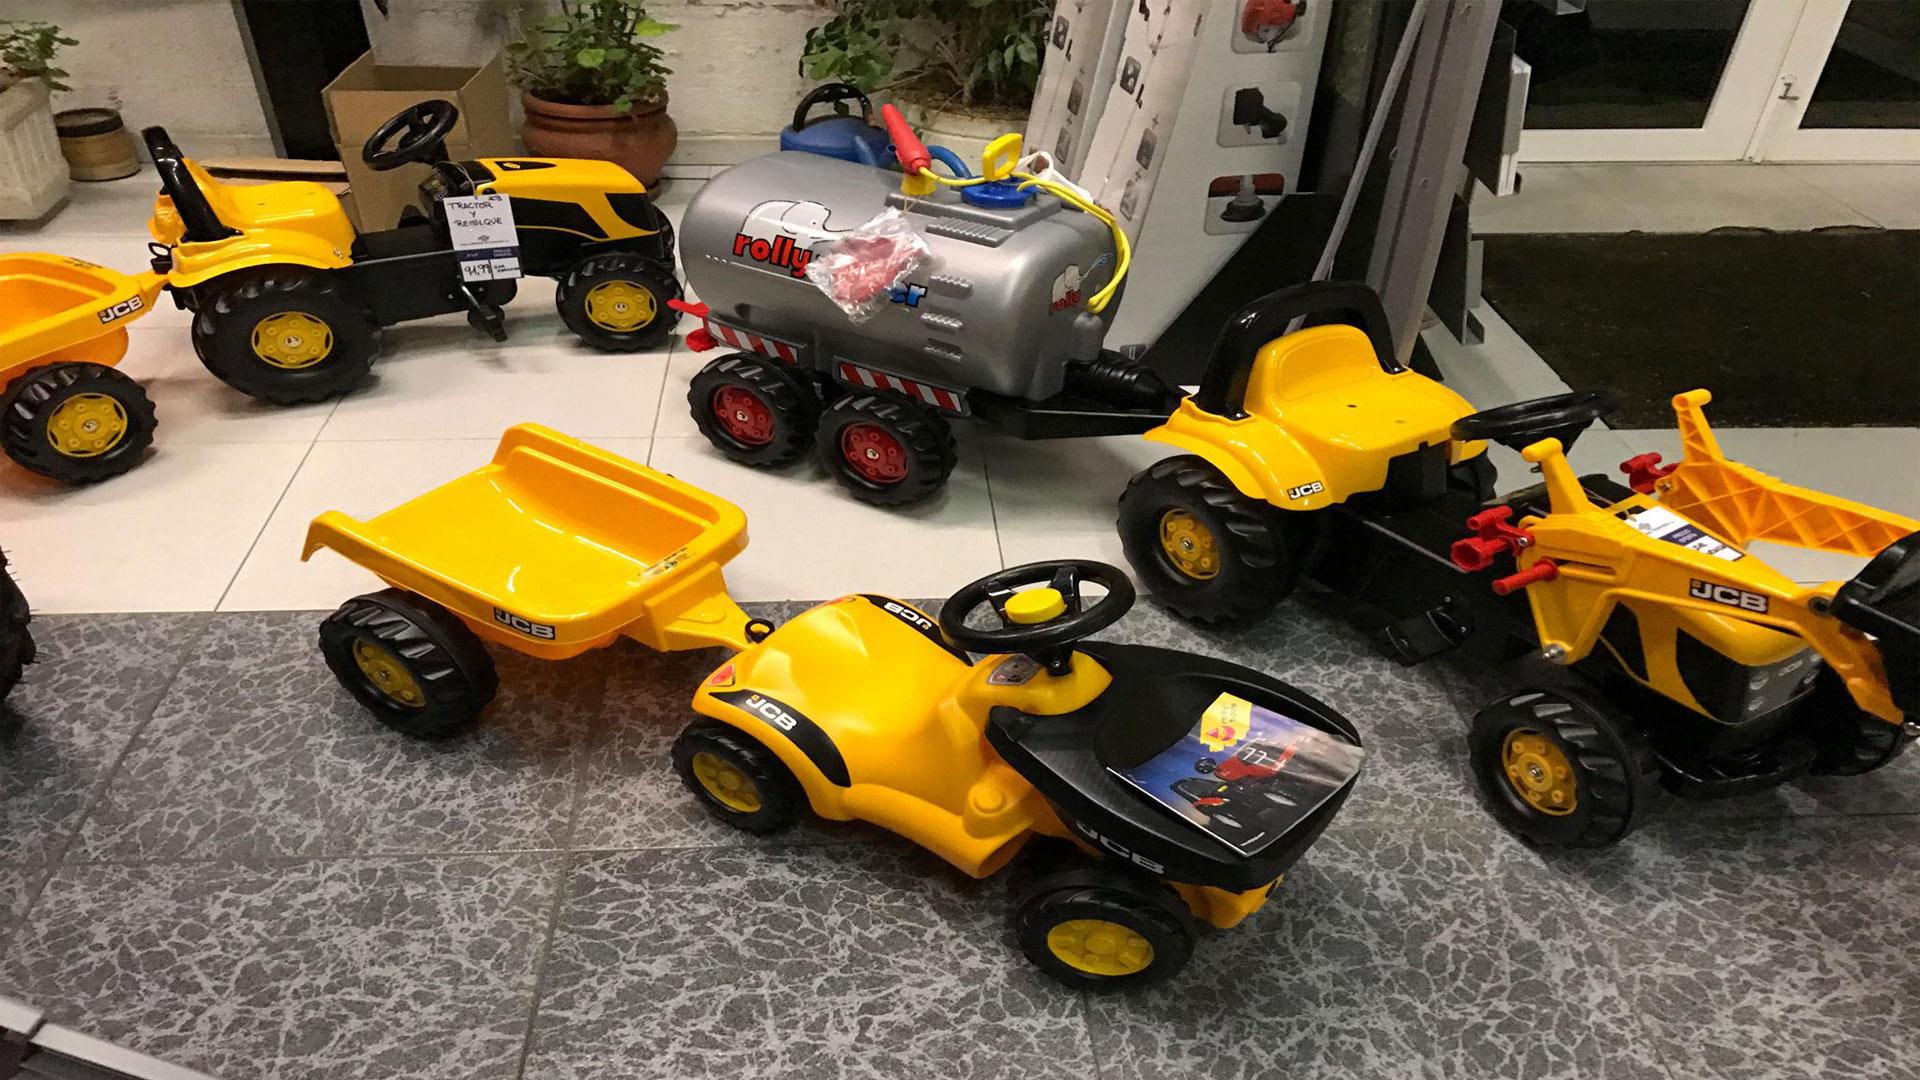 tractores de juguete para niños en lugo